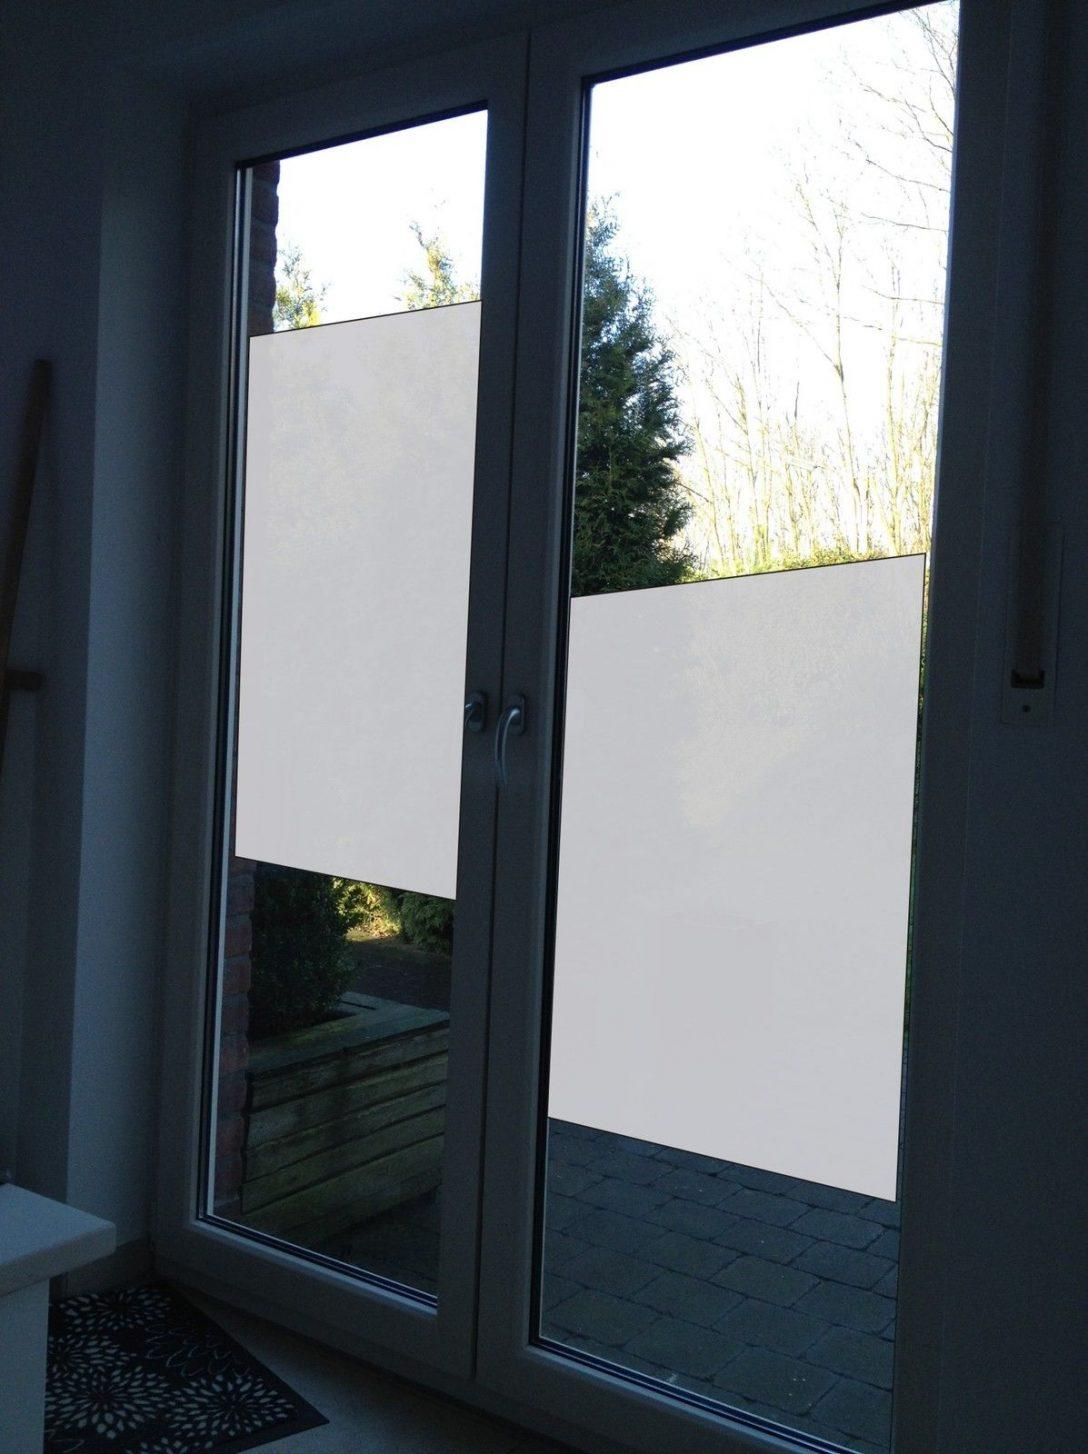 Large Size of Fenster Folie Fensterfolie Entfernen Kosten Blasen Fensterfolien Gegen Hitze Selbsthaftende Obi Sichtschutz Statische Bauhaus Blickdichte Sonnenschutz Statisch Fenster Fenster Folie